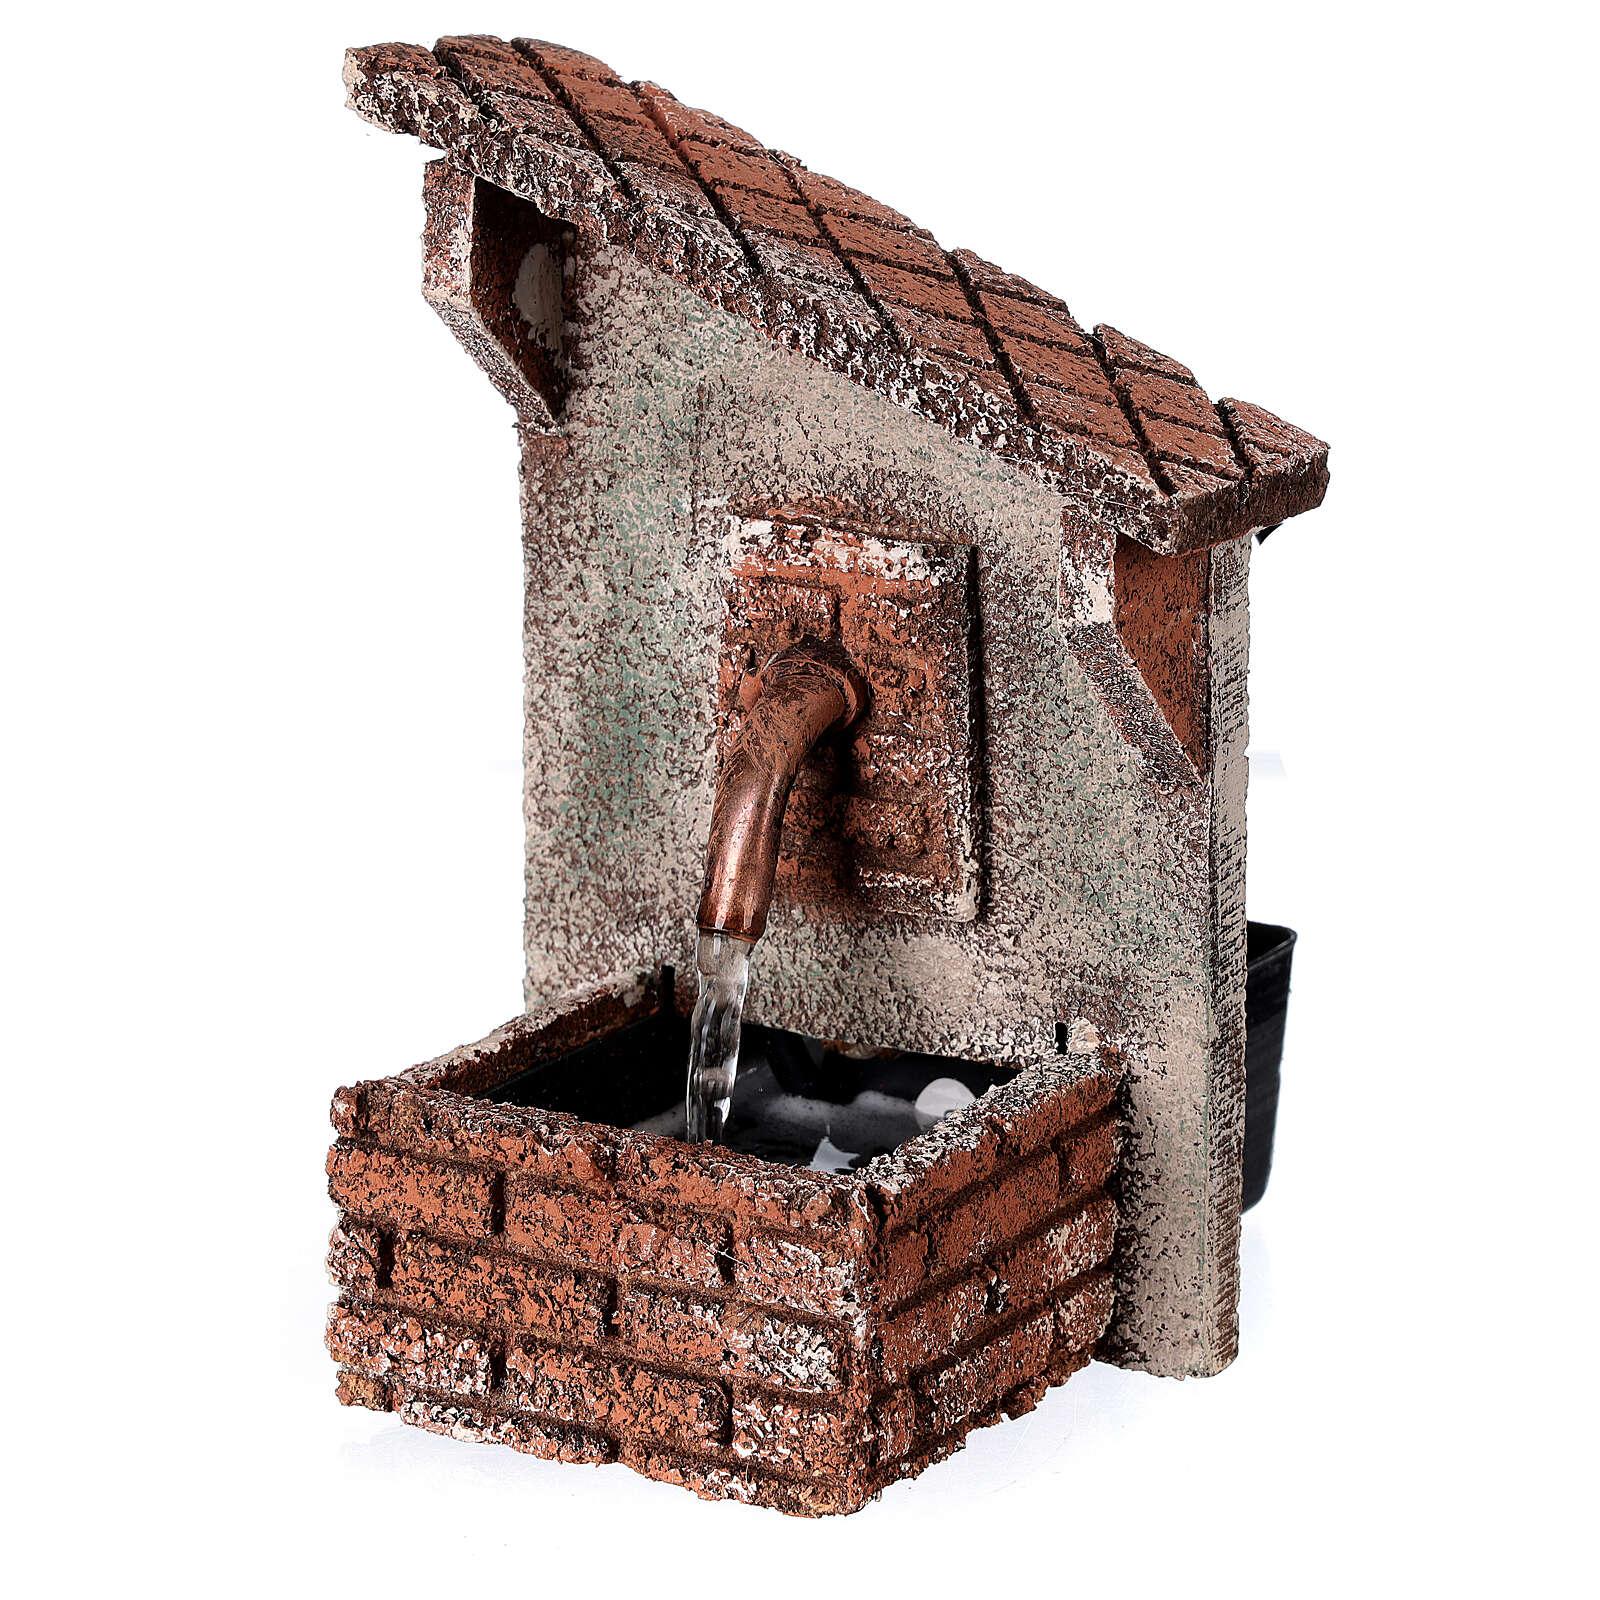 Fountain oblique roof Neapolitan Nativity scene 15x10x10 cm for statues 8-10 cm 4